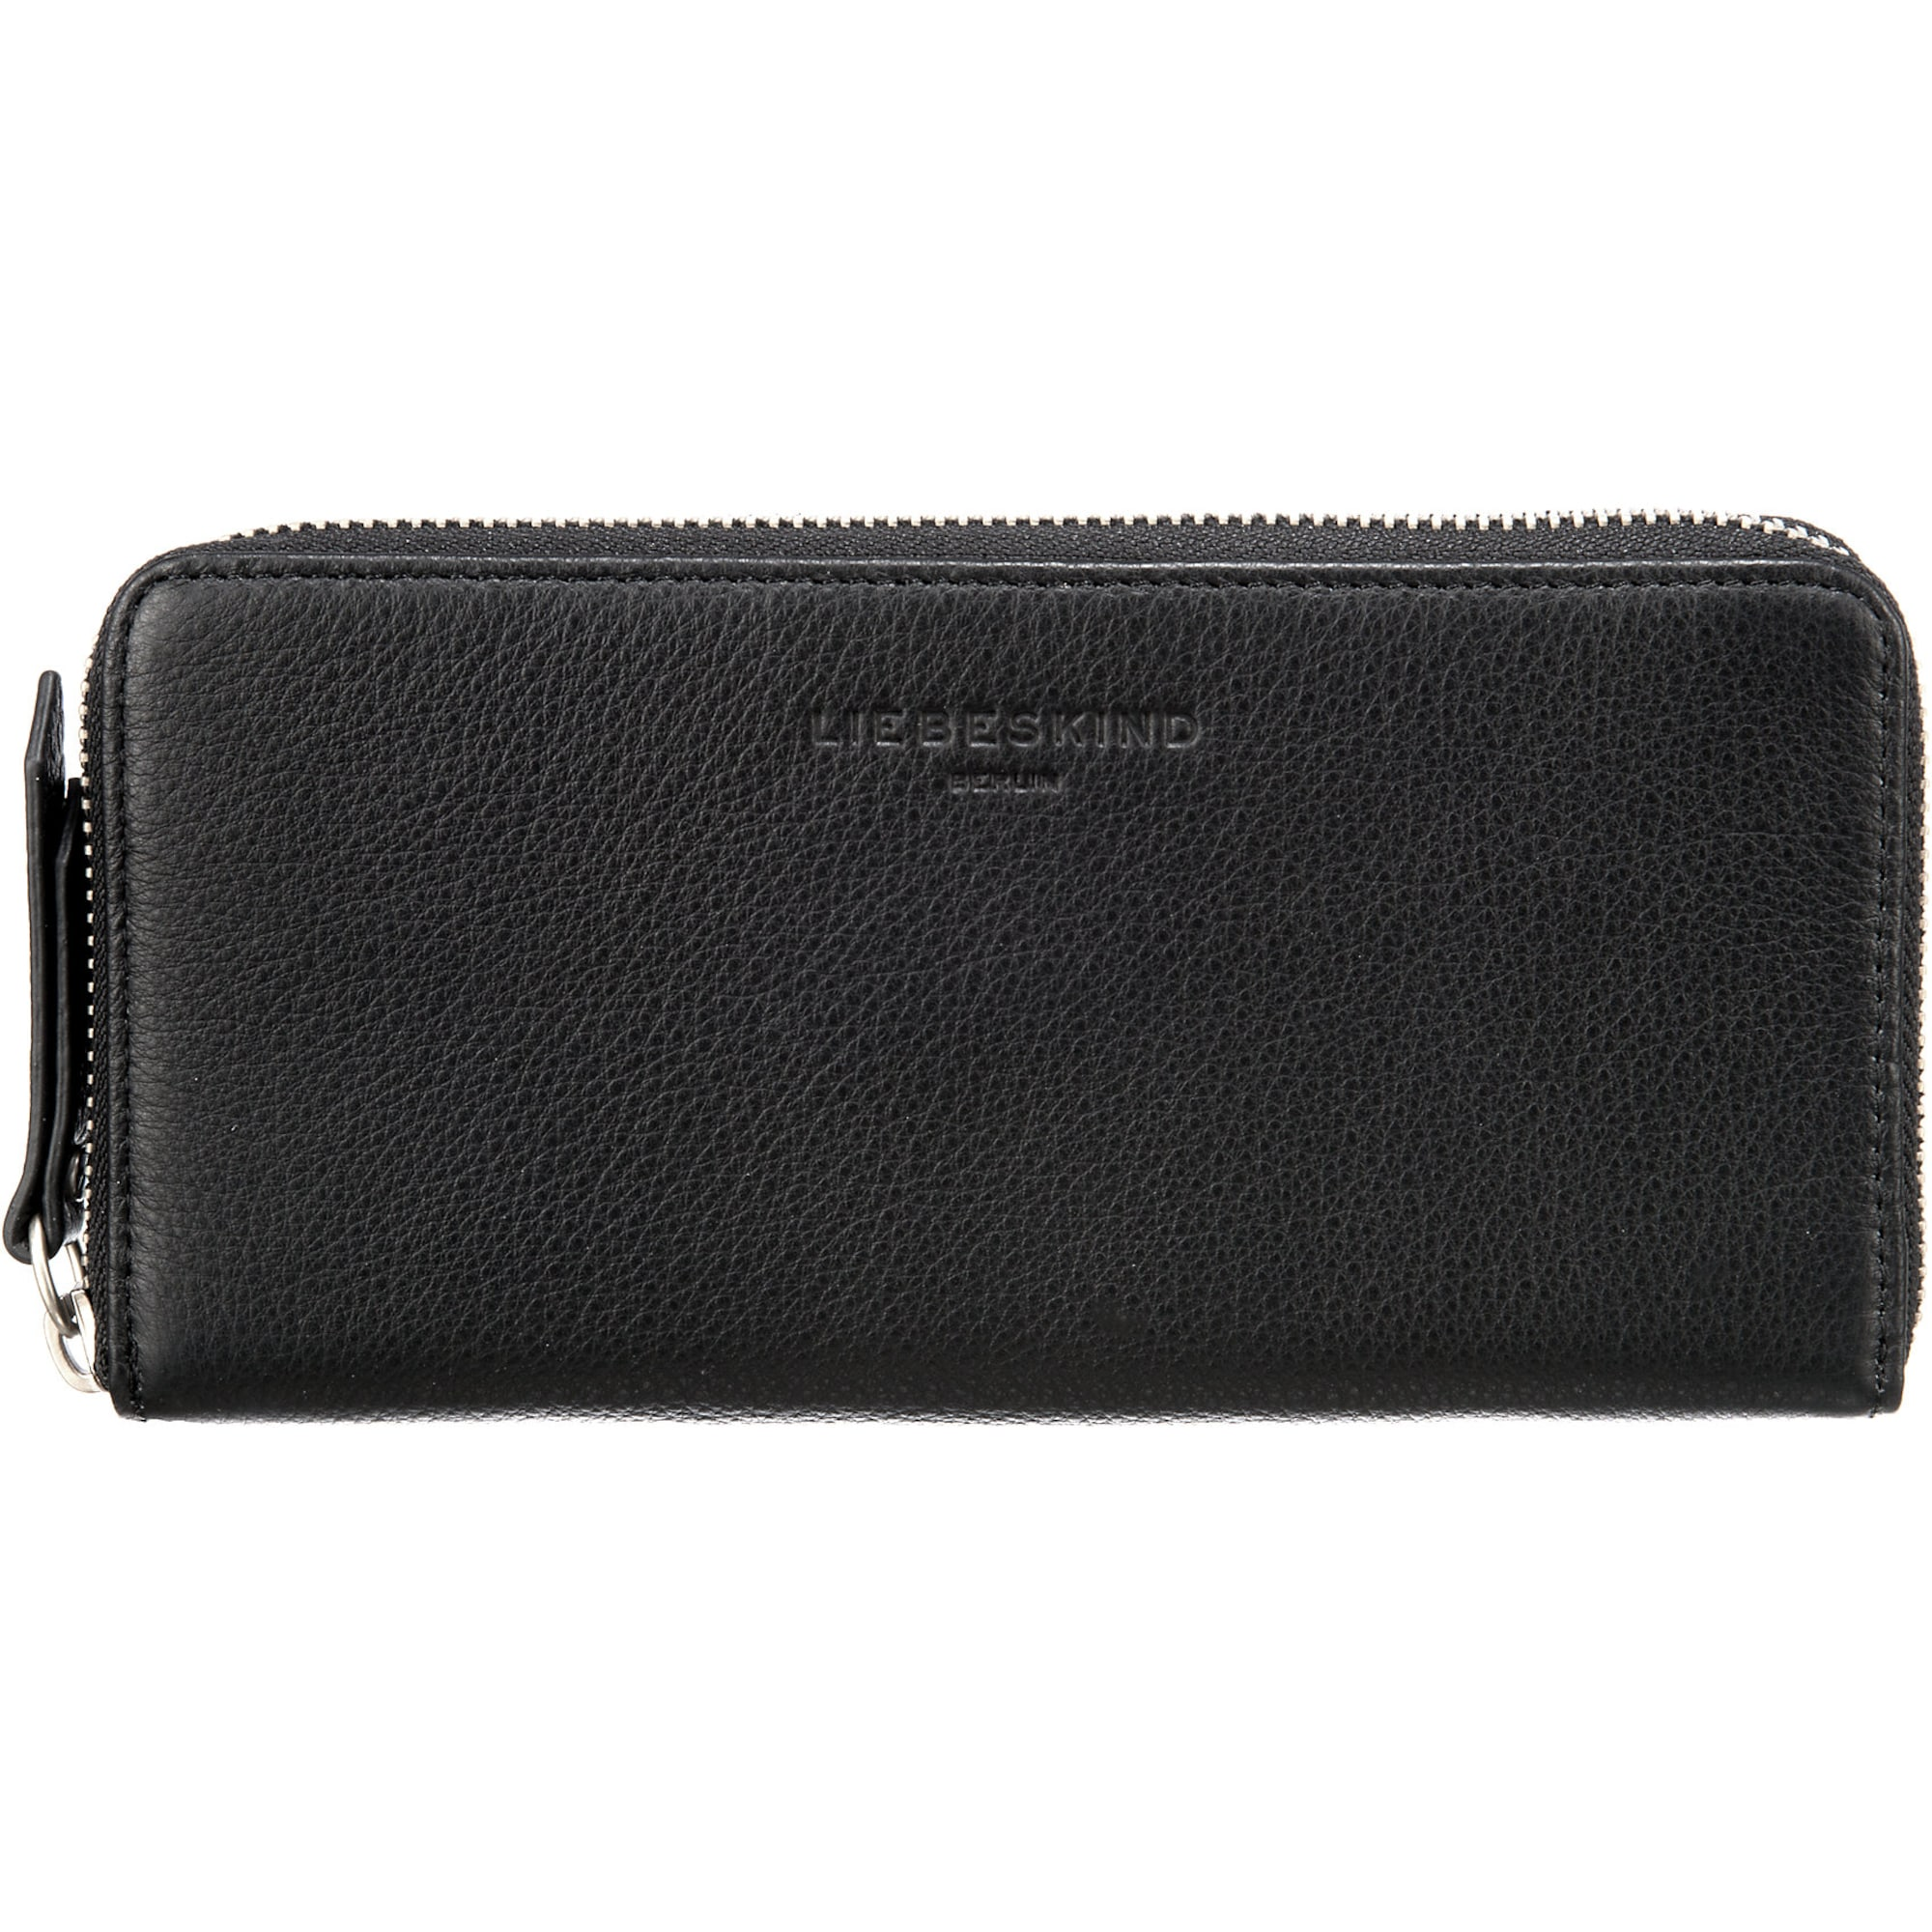 Portemonnaie 'Gigi'   Accessoires > Portemonnaies > Sonstige Portemonnaies   liebeskind berlin